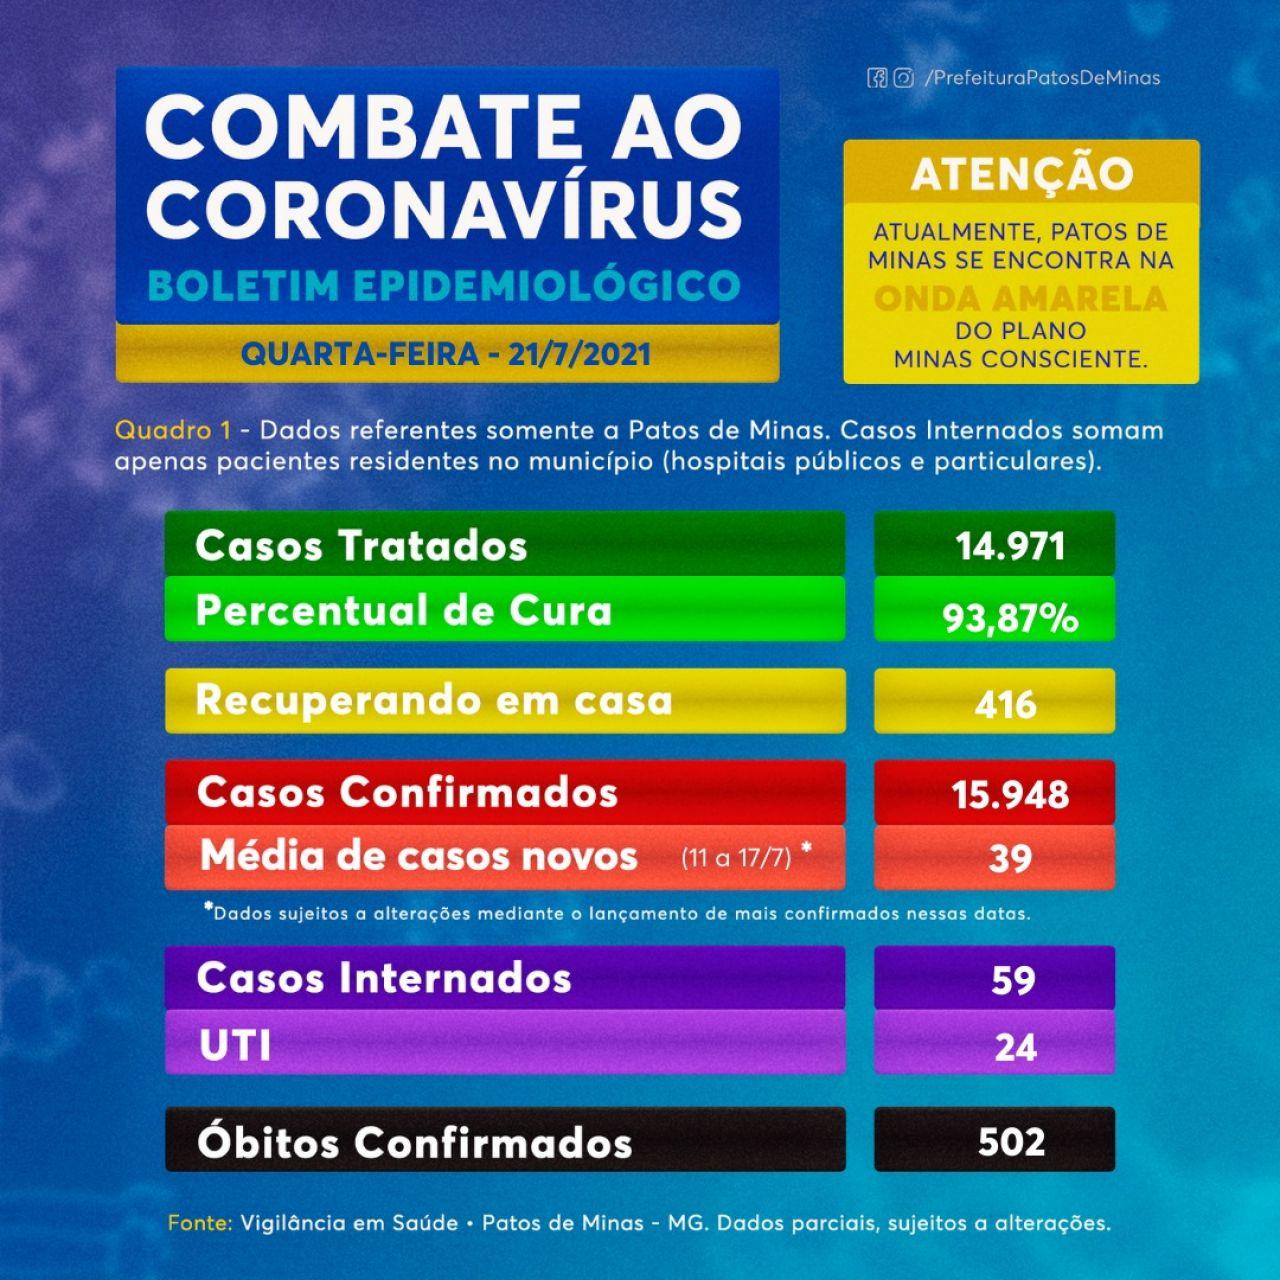 Covid-19: Patos de Minas registra 117 novos casos sem confirmação de novos óbitos